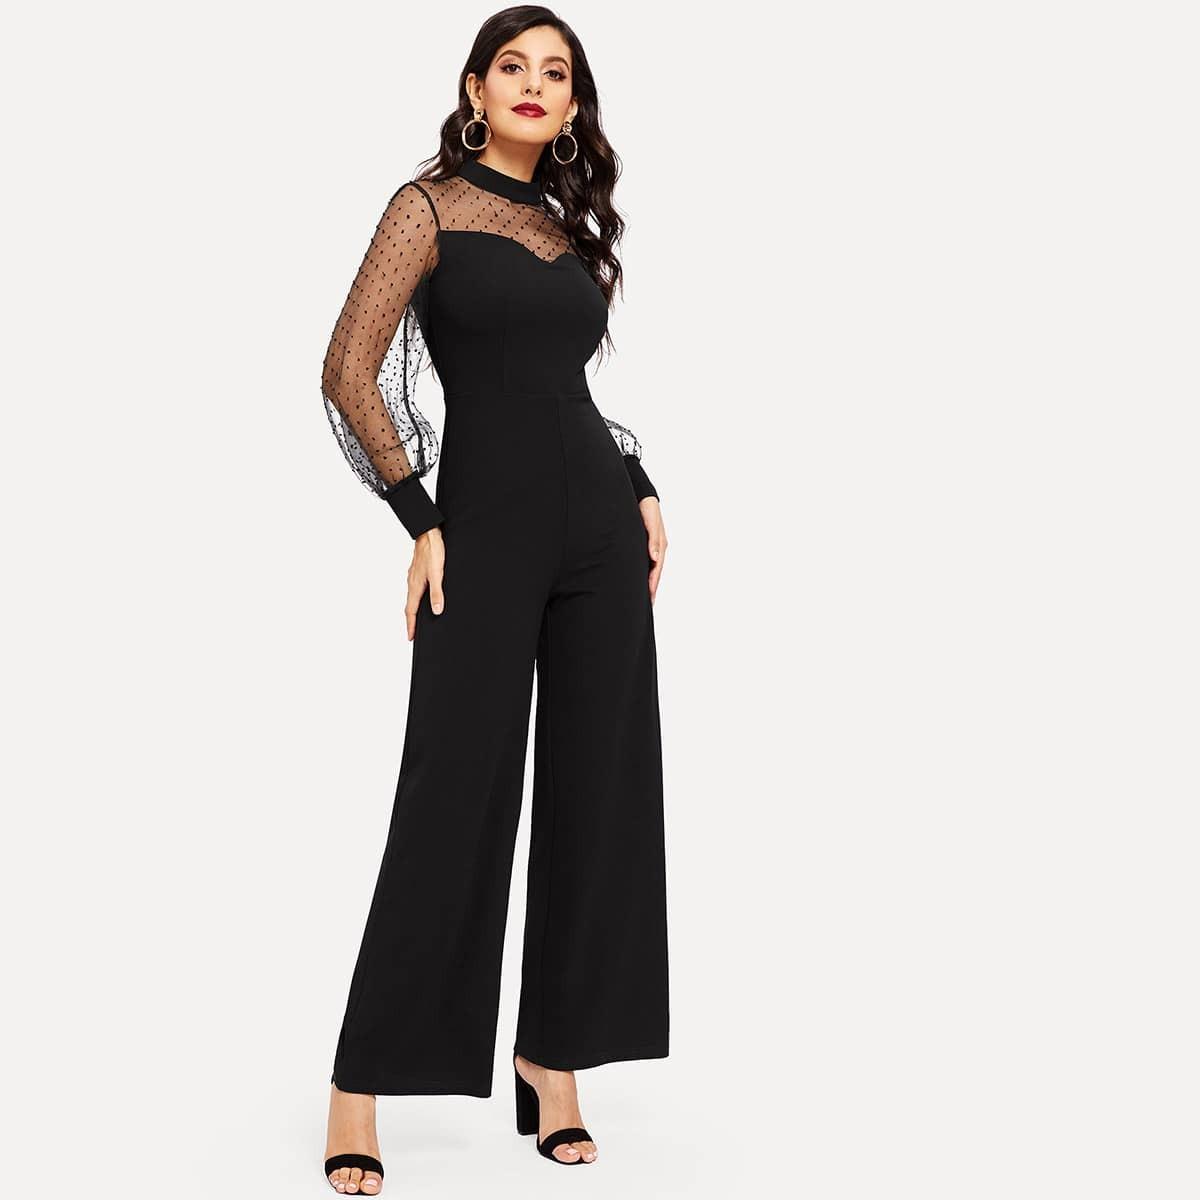 SHEIN / Culotte Jumpsuit mit Punkten Muster und Netzstoff Ärmeln